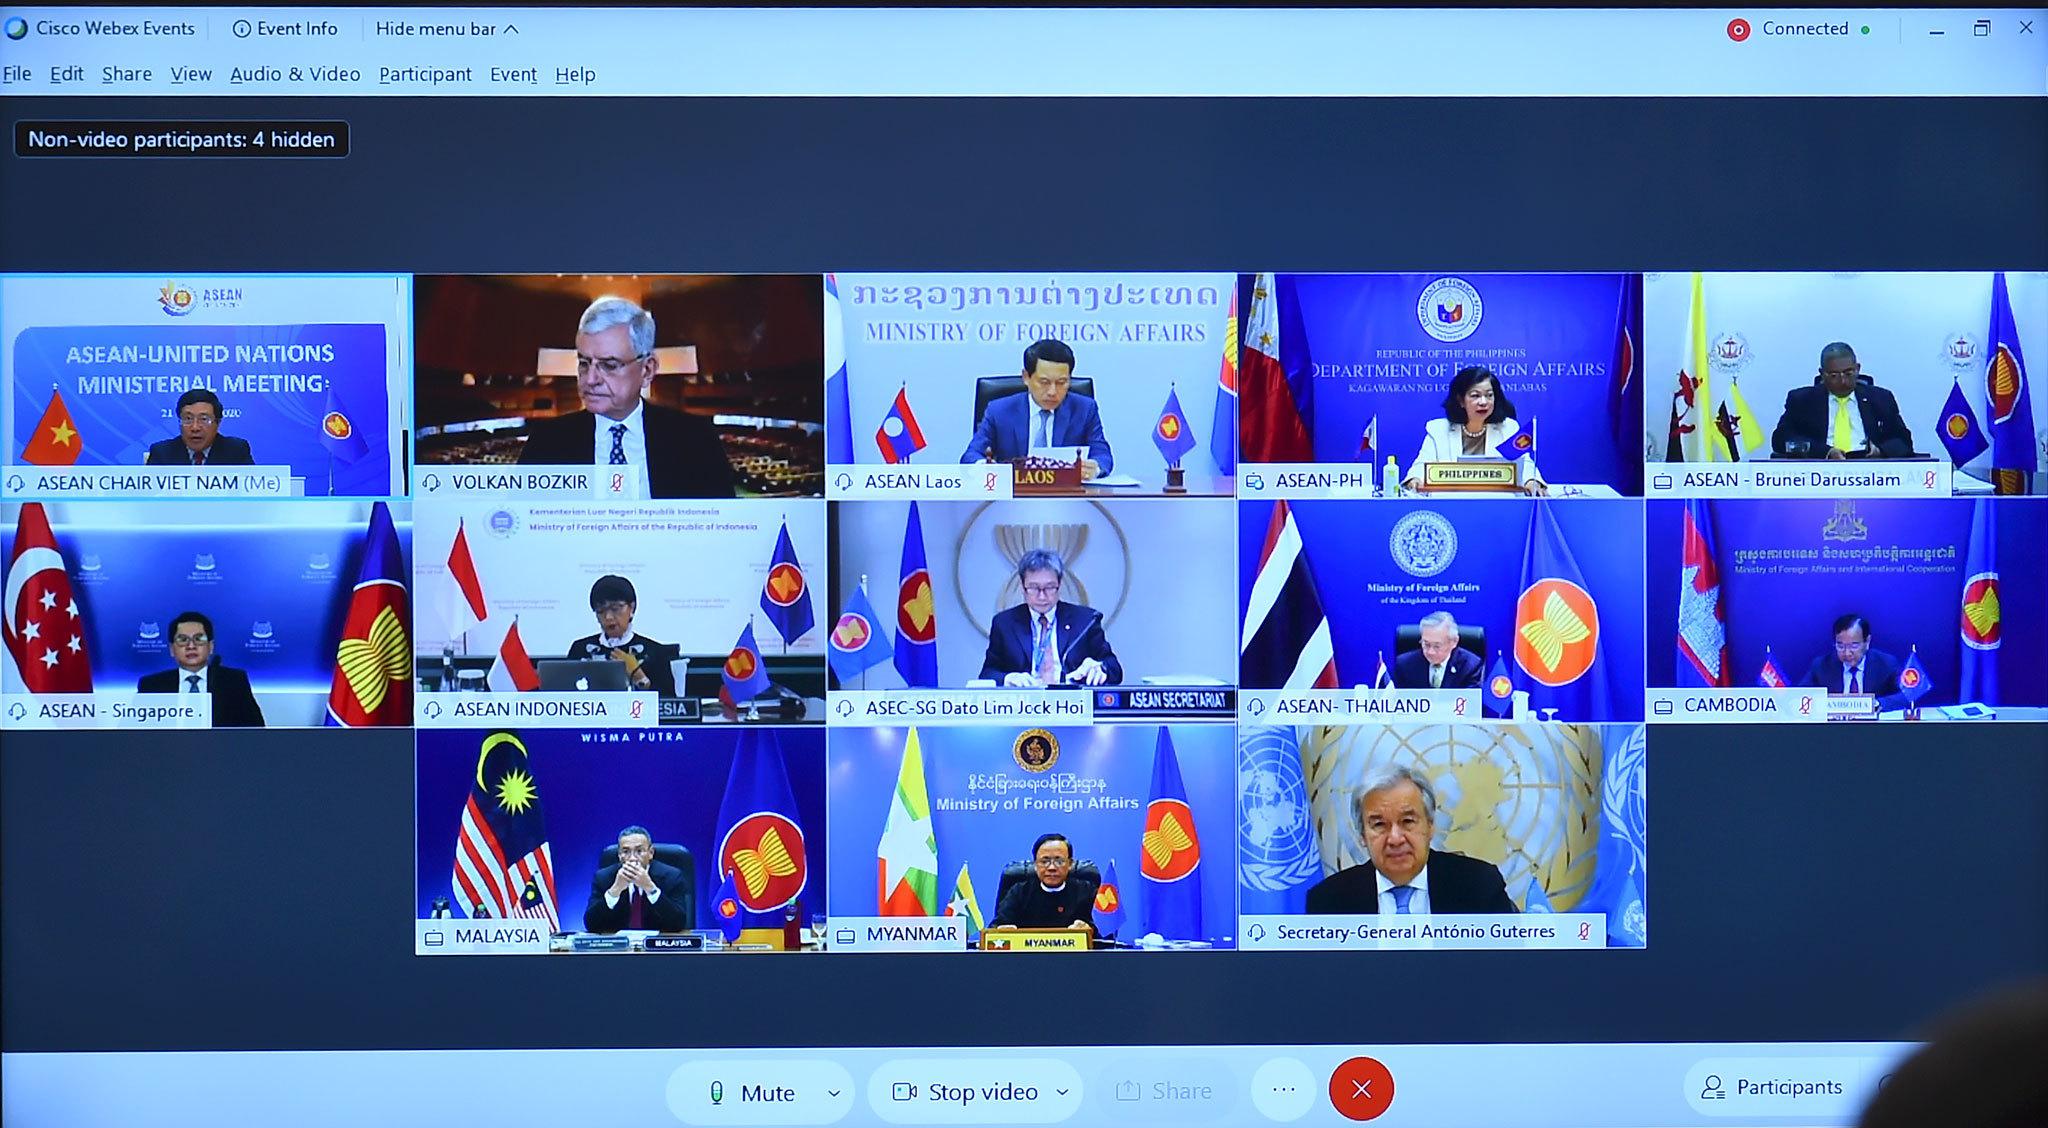 Hội nghị Bộ trưởng Ngoại giao ASEAN – Liên Hợp Quốc